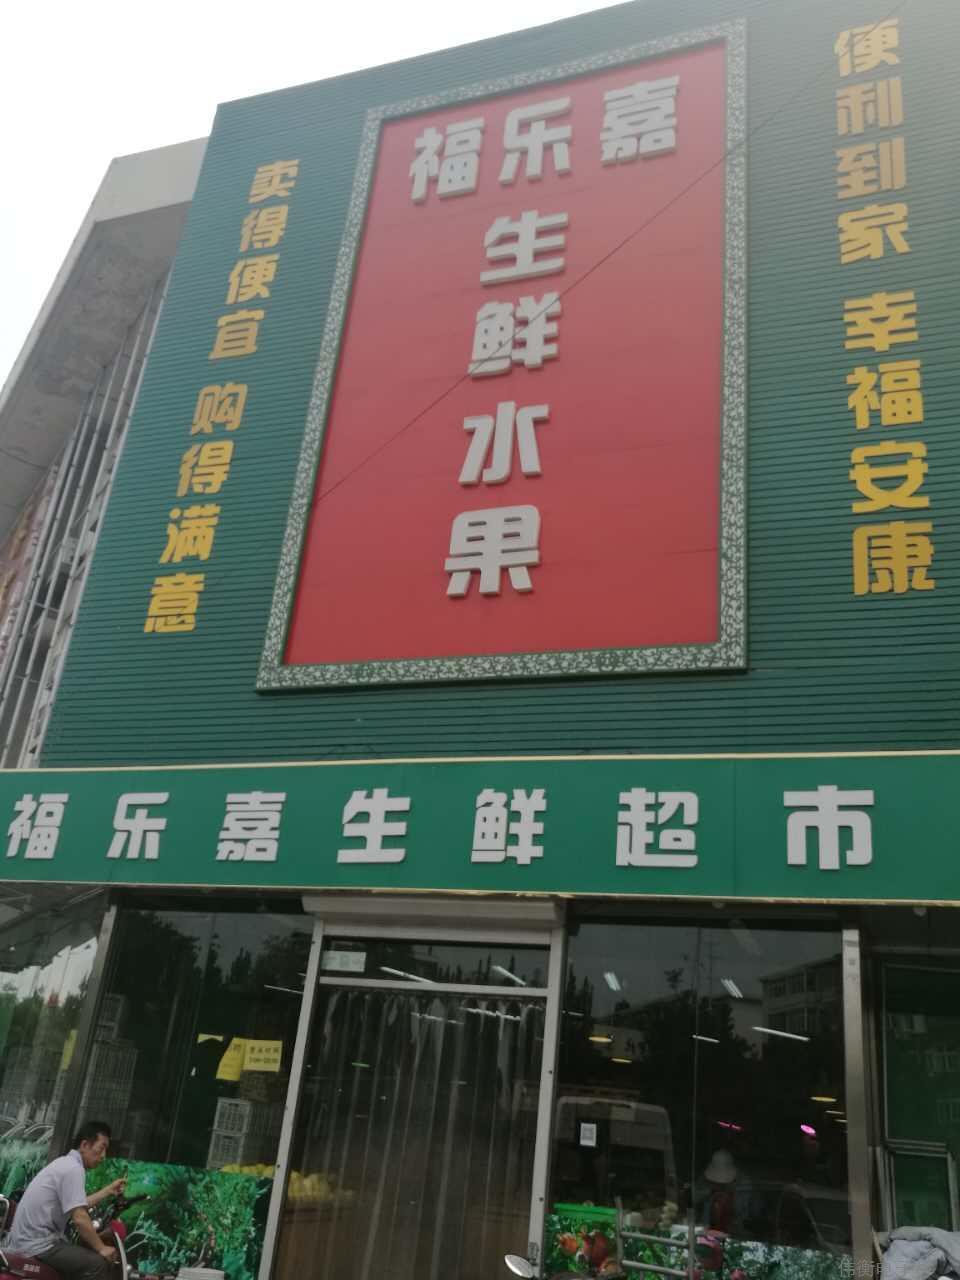 福乐嘉生鲜超市收银案例